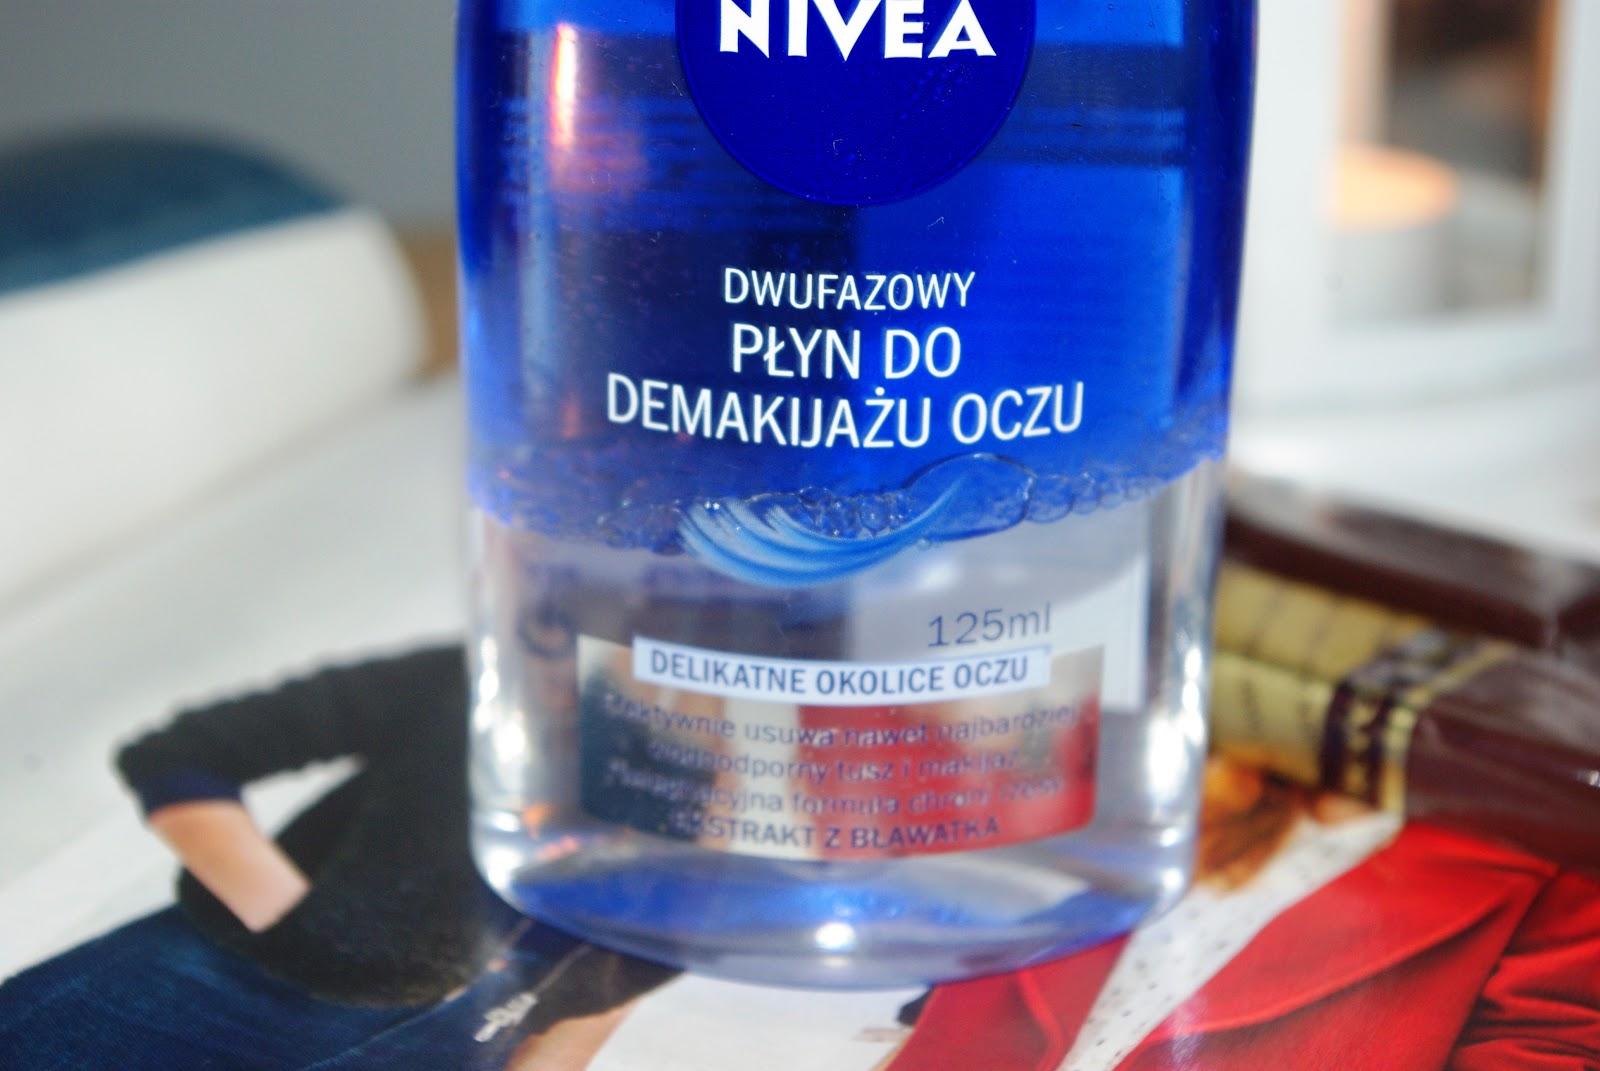 Płyn do demakijażu oczu - Nivea